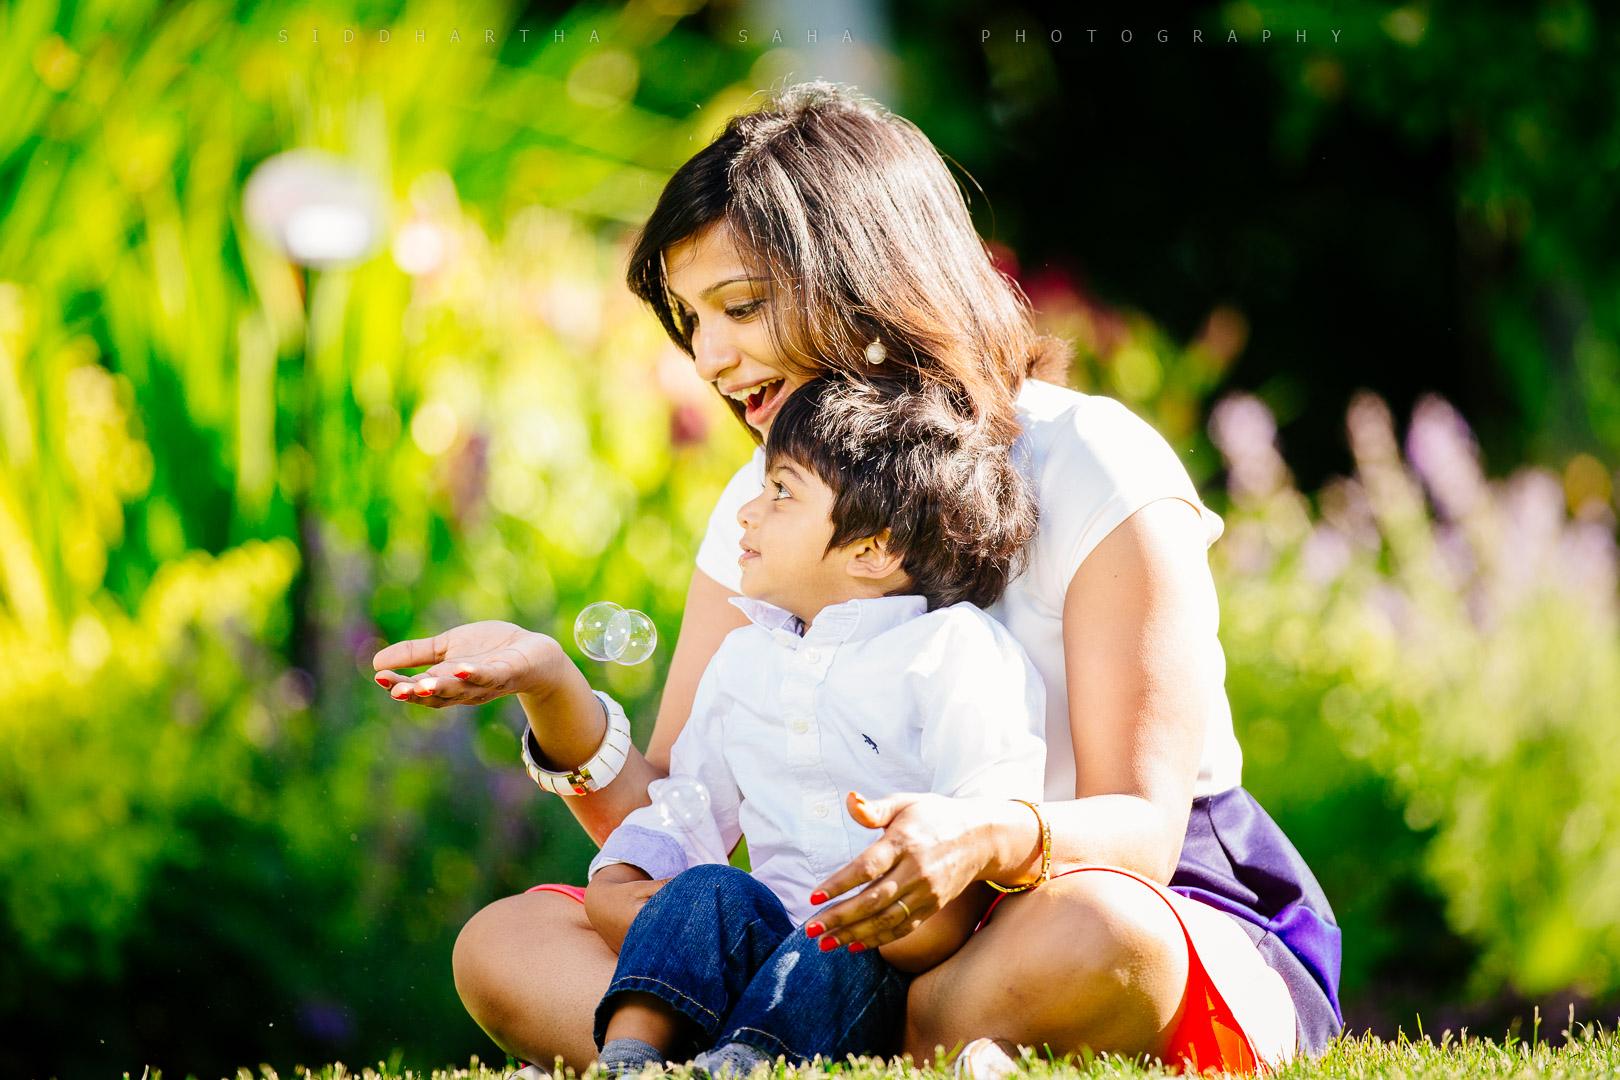 2015-06-14 - Ranjani Naveen Vihaan Photoshoot - _05Y6249